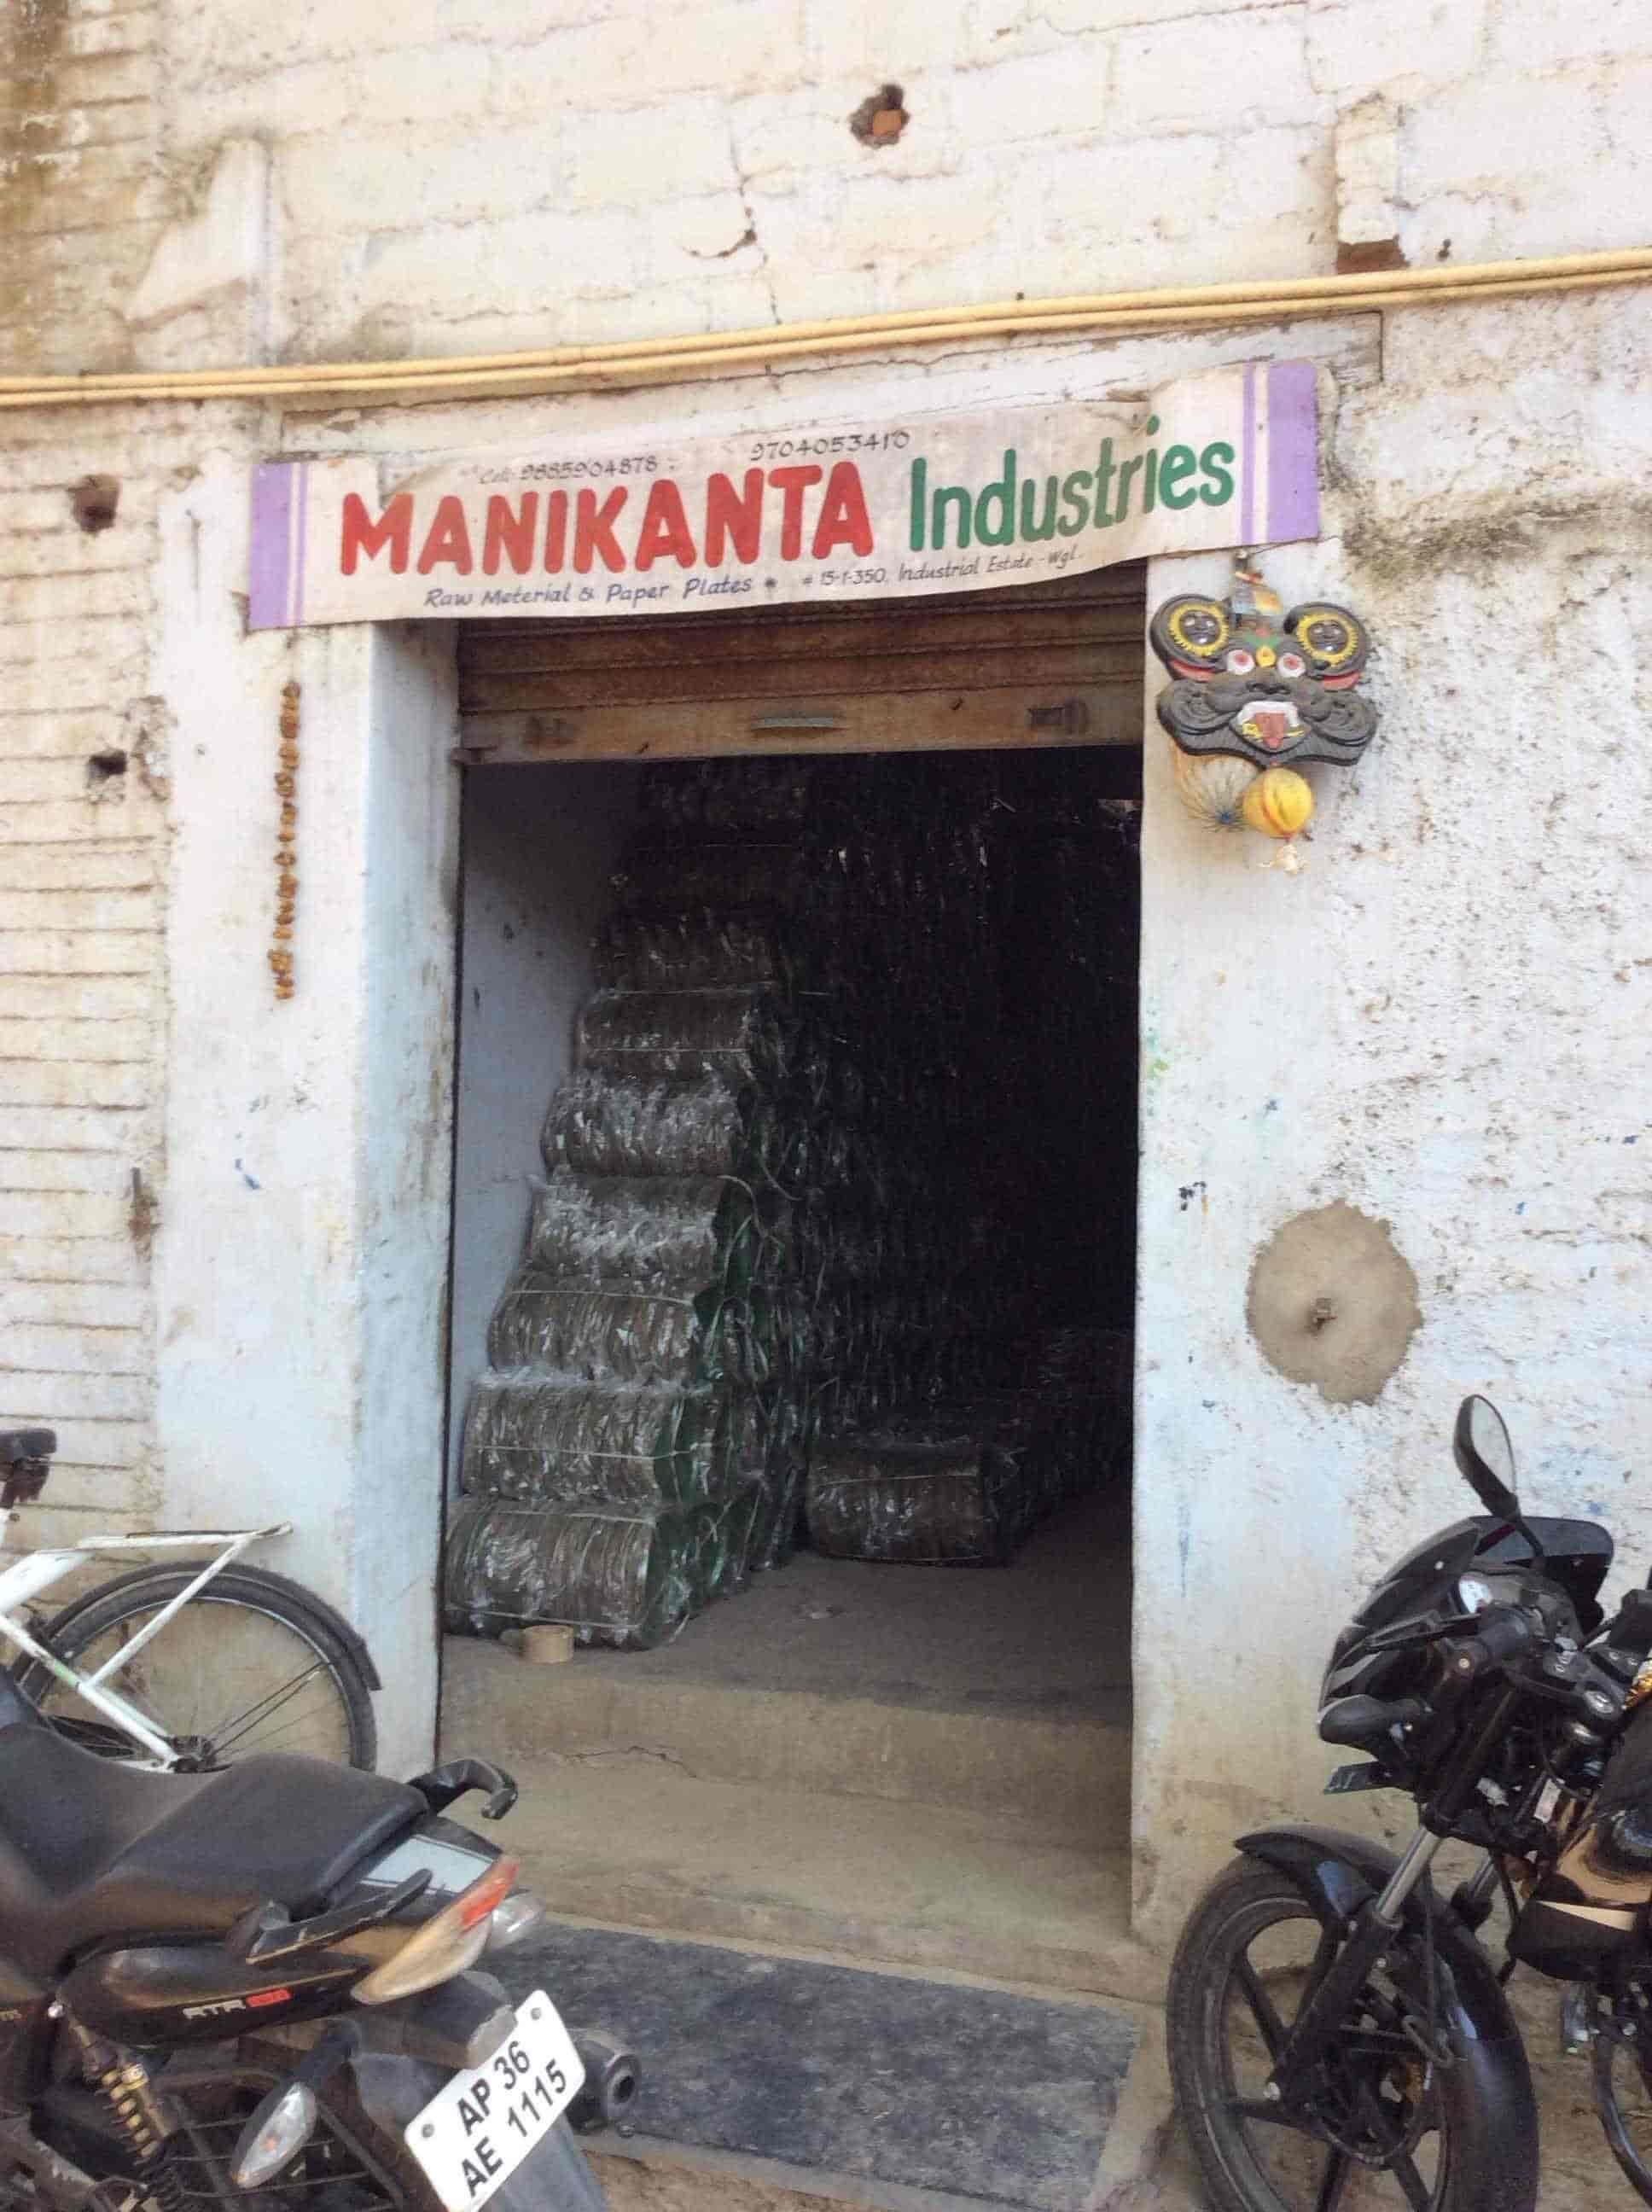 ... Manikanta Industries Raw Material u0026 Paper Plates Photos Mulugu Road Warangal - Paper Plate ... & Manikanta Industries Raw Material Paper Plates Photos Mulugu Road ...